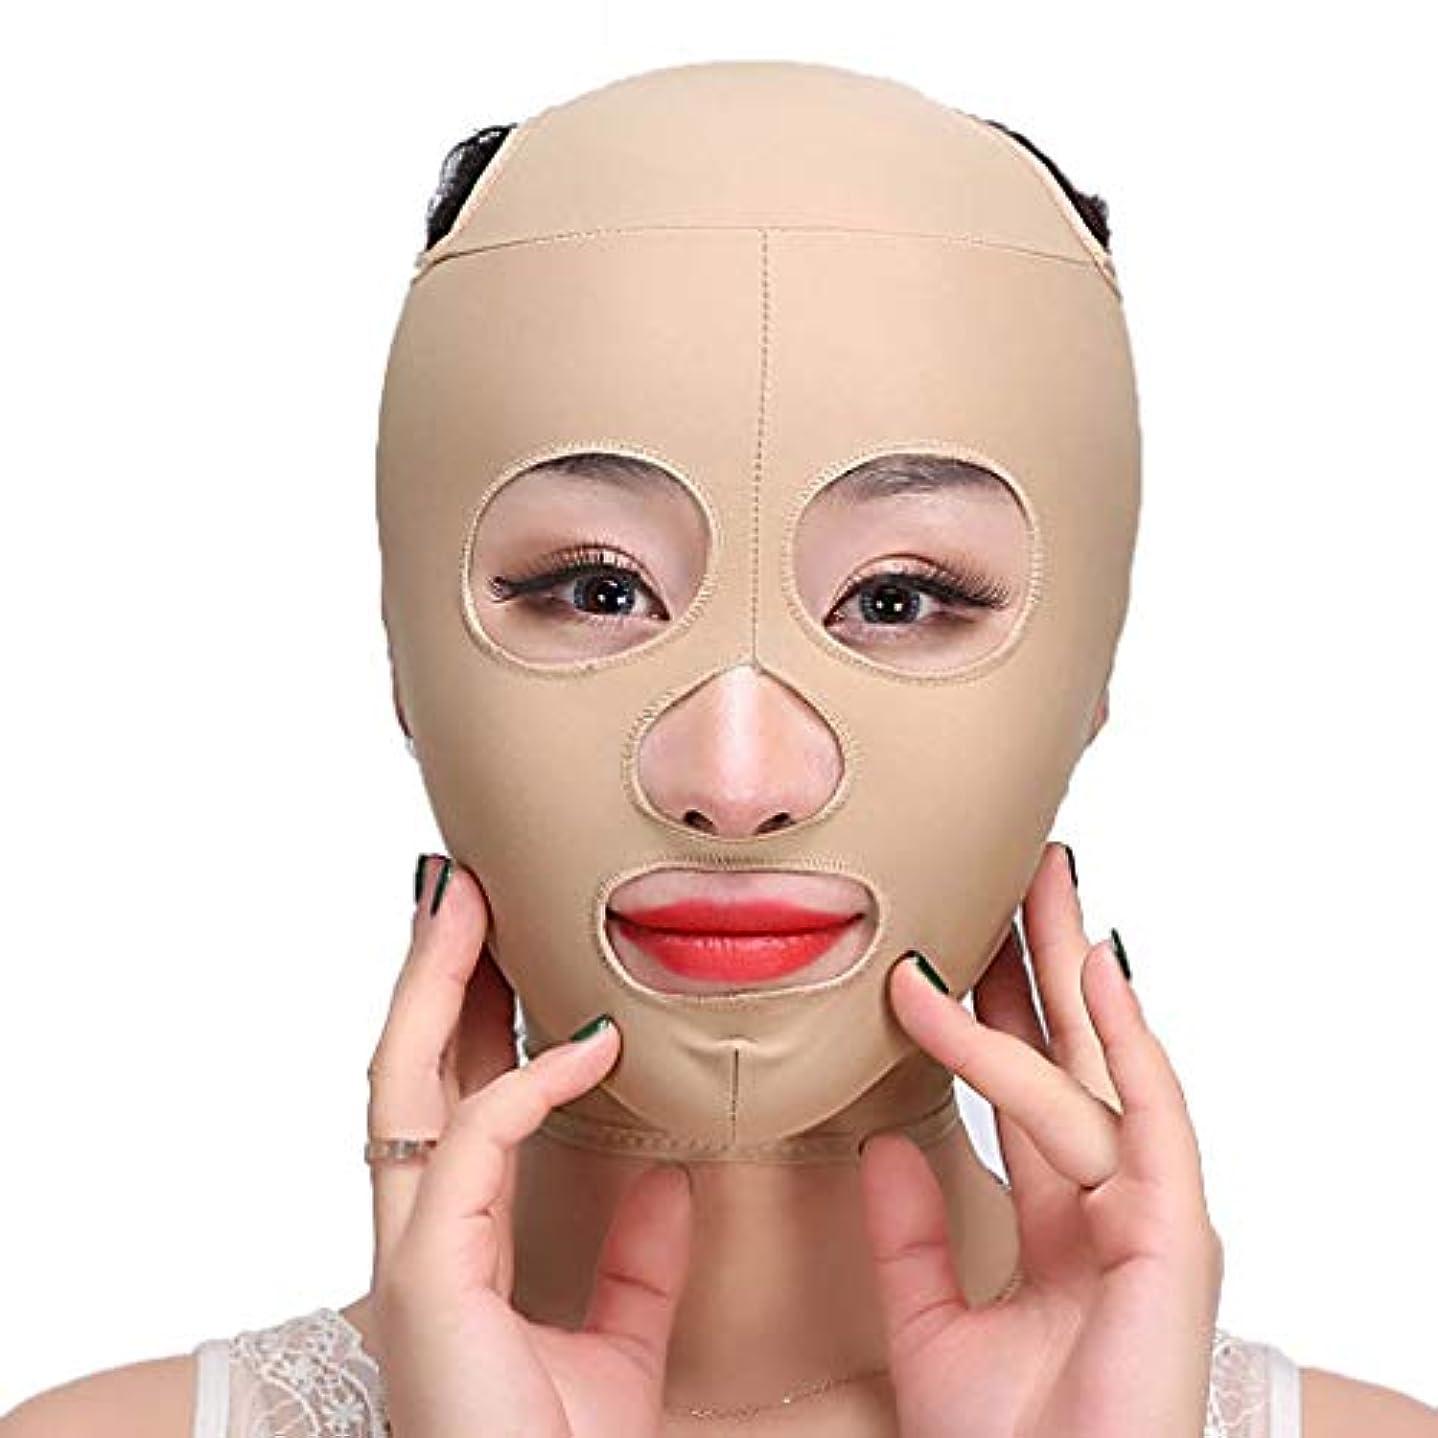 感謝している請願者そのXHLMRMJ 痩身ベルト、フェイスマスク薄いフェイス楽器リフティング引き締めVフェイス男性と女性フェイスリフティングステッカーダブルチンフェイスリフティングフェイスマスク包帯フェイシャルマッサージ (Size : L)